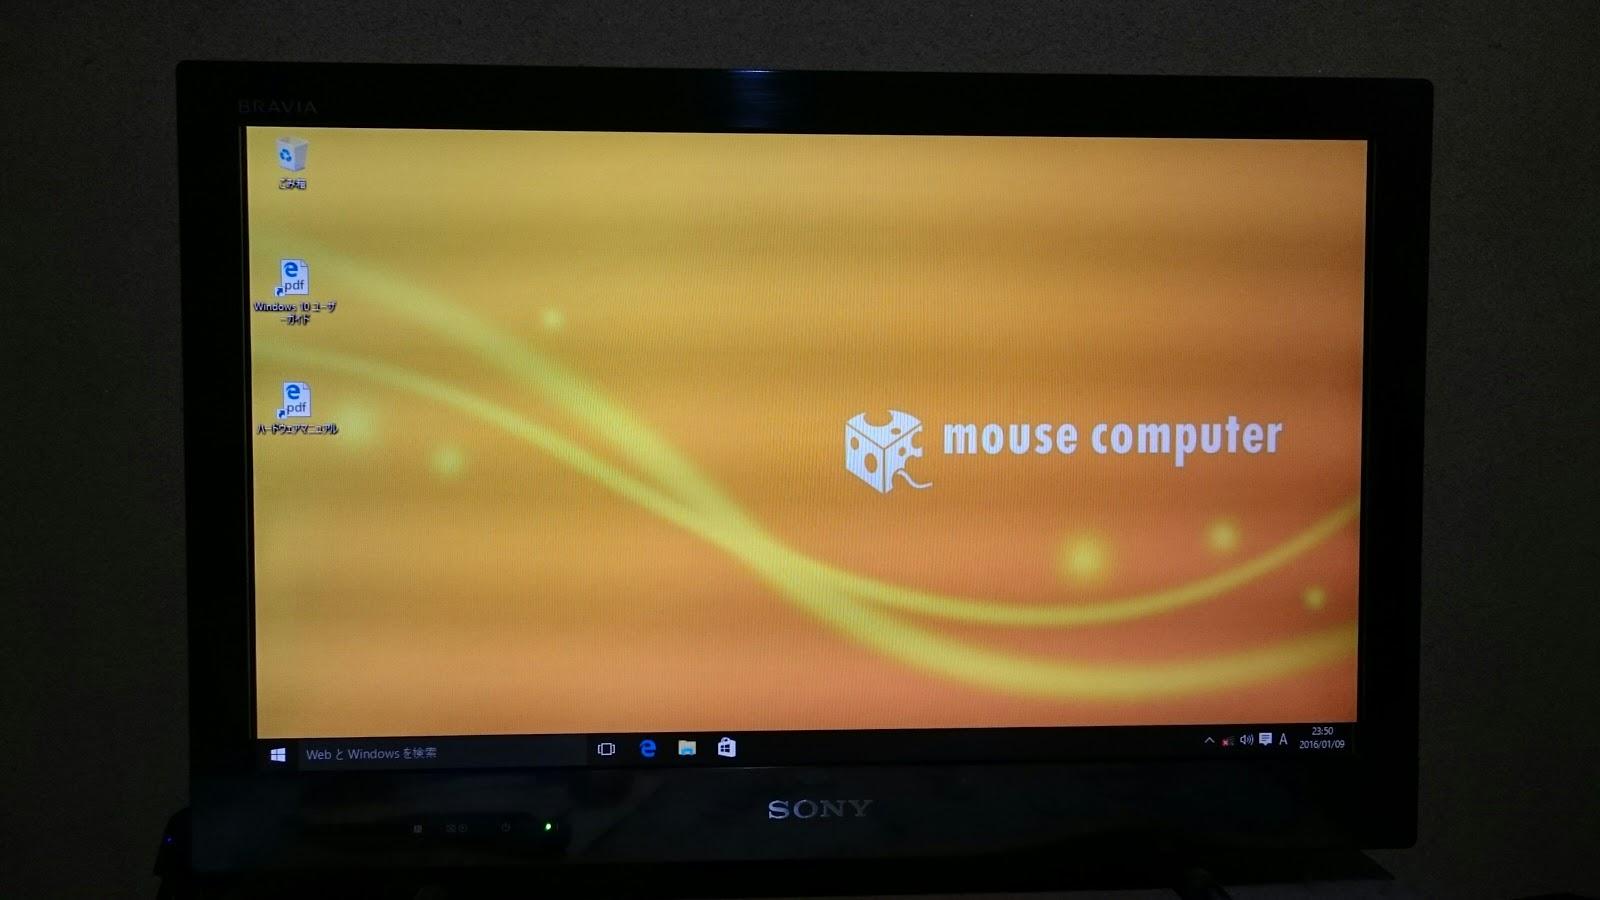 スティックPCを起動したWindows10のテレビ画面